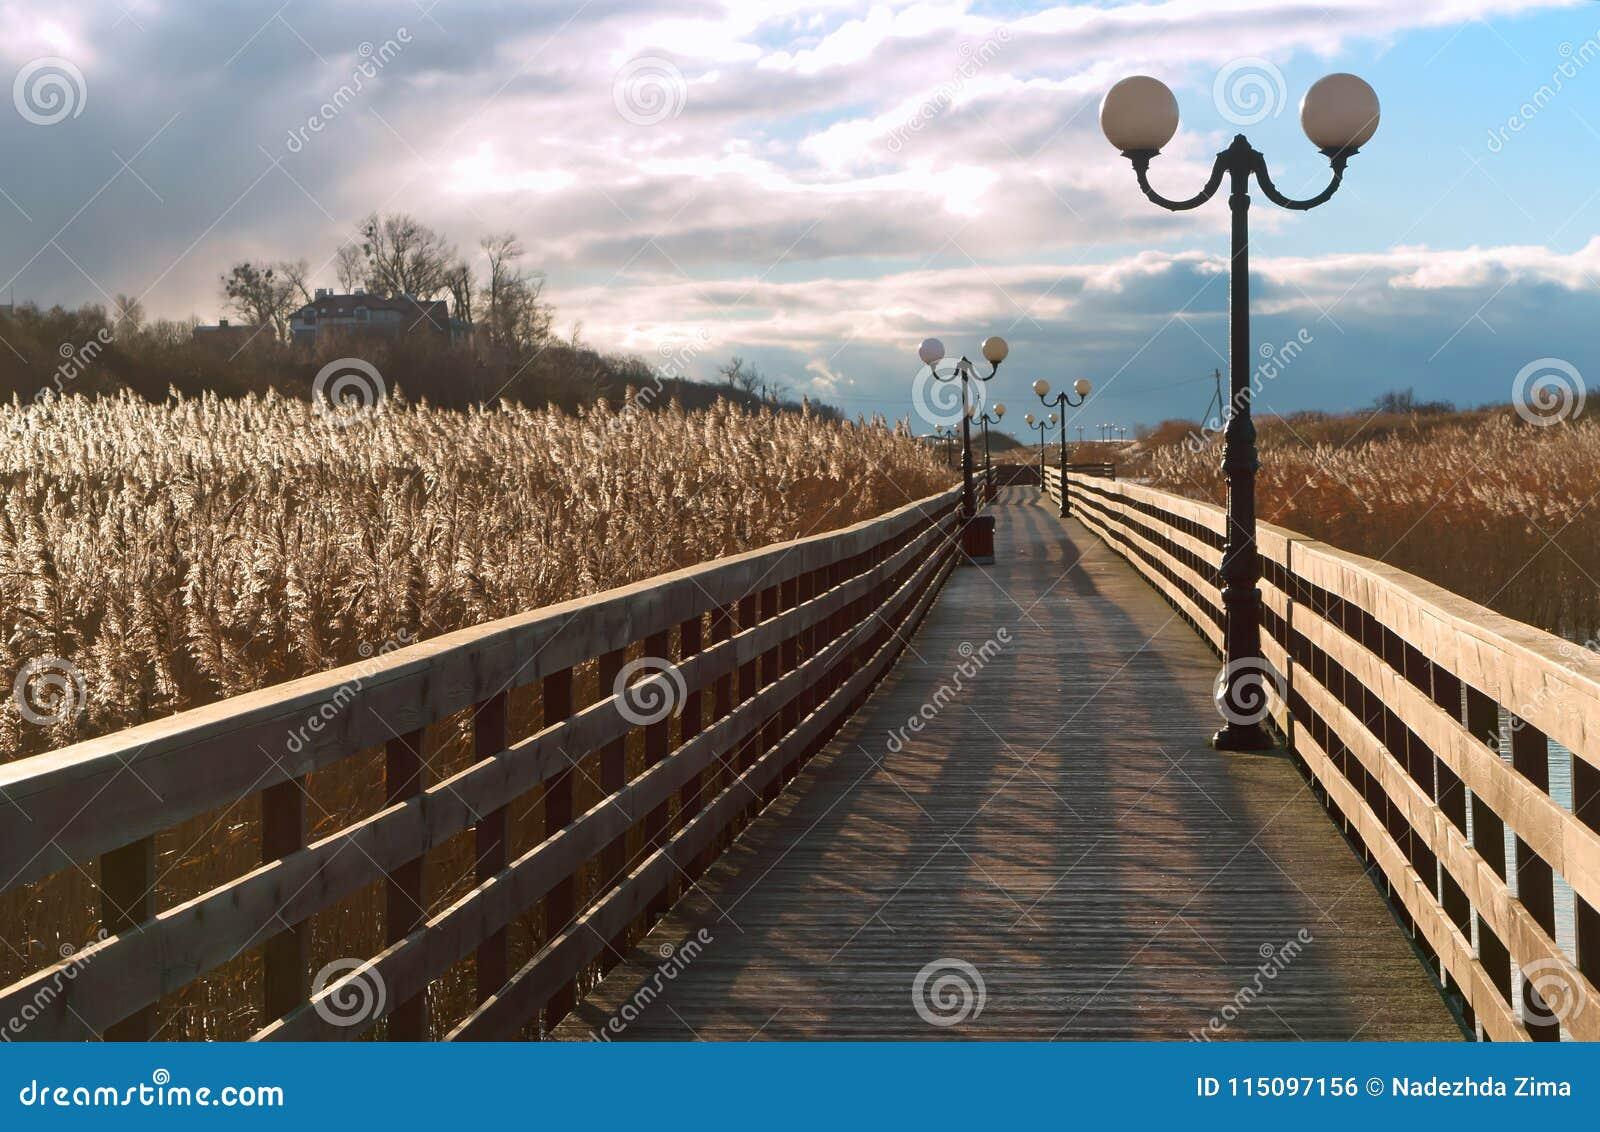 Sentiero costiero di legno attraverso le canne alla luce solare, una passeggiata di legno della plancia con i pali della luce